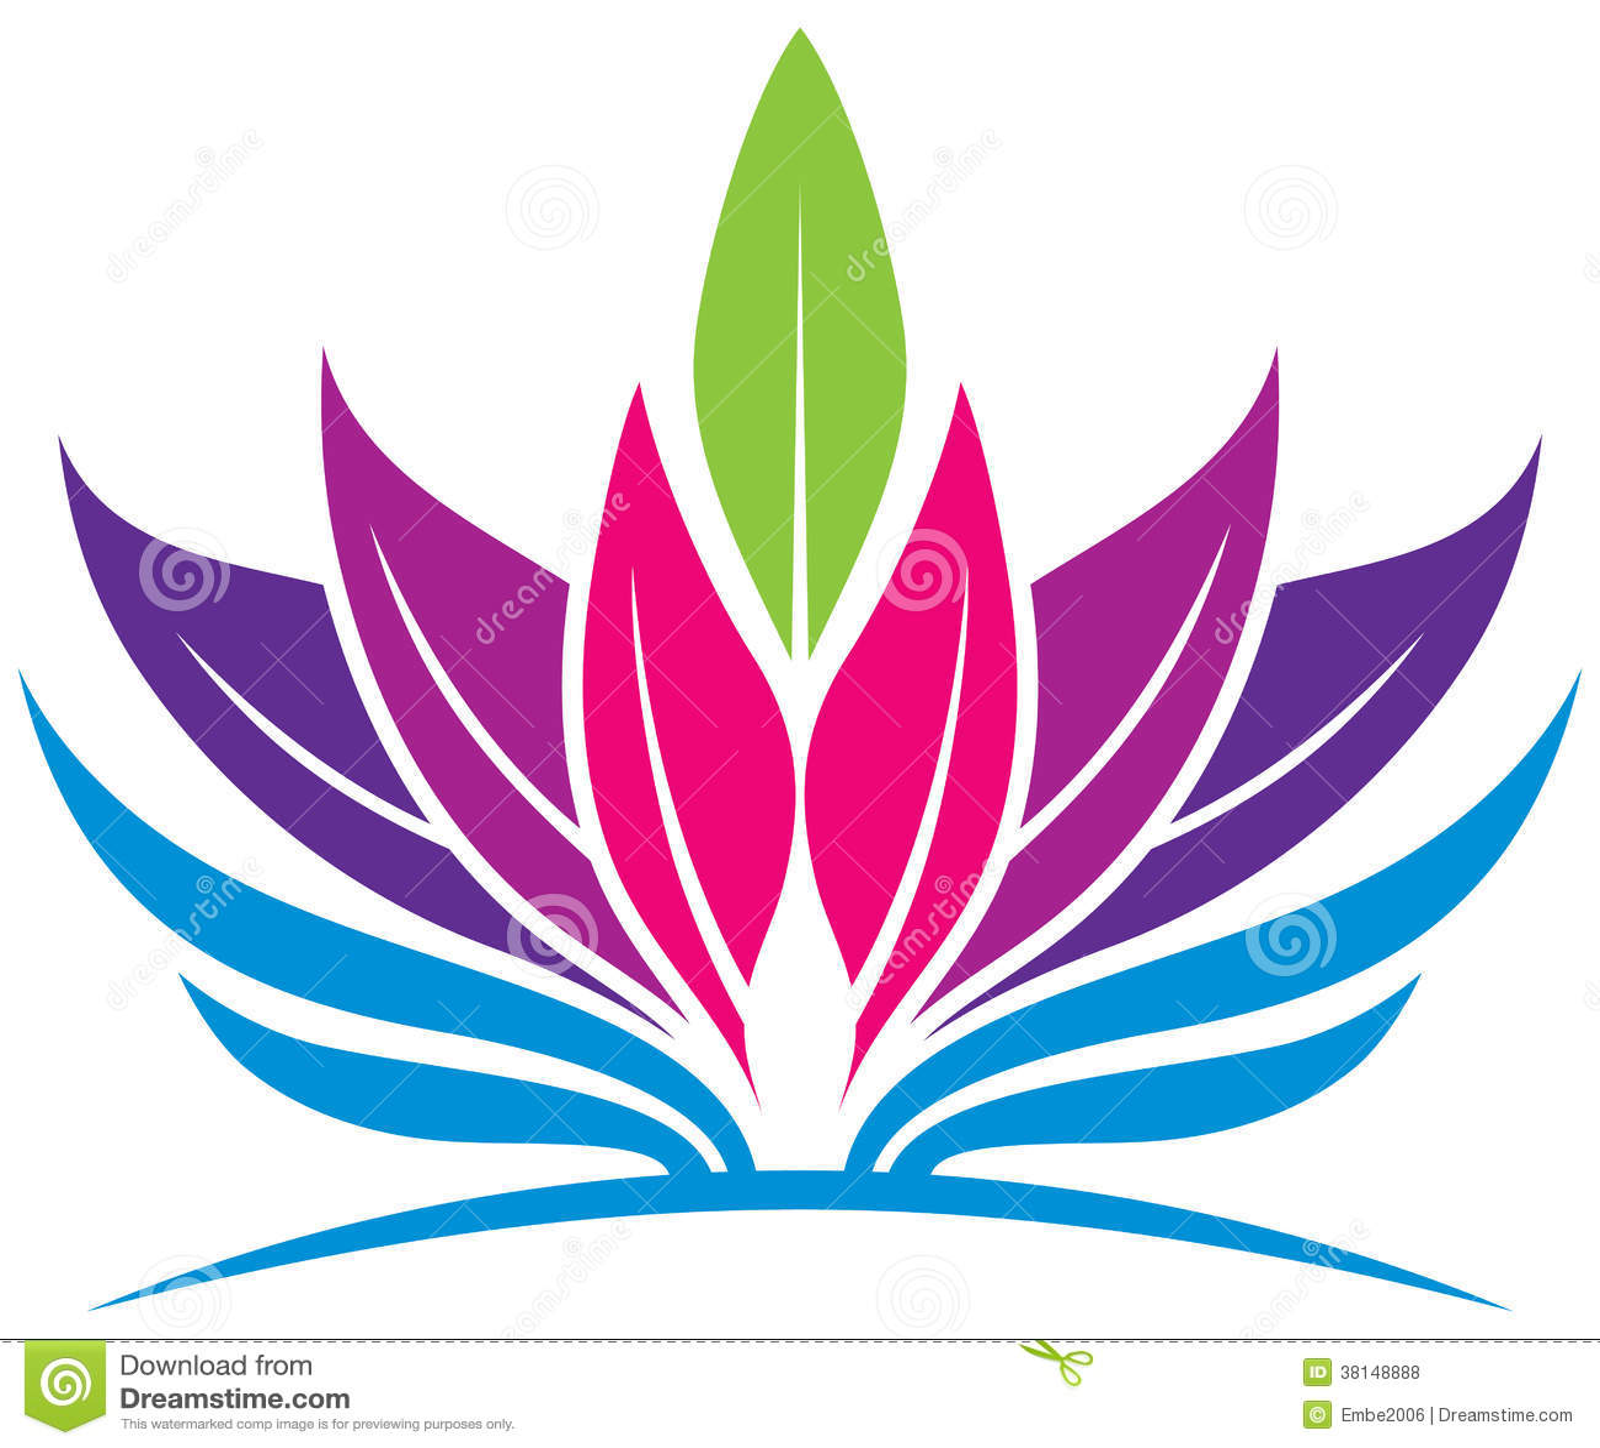 лист логотип: